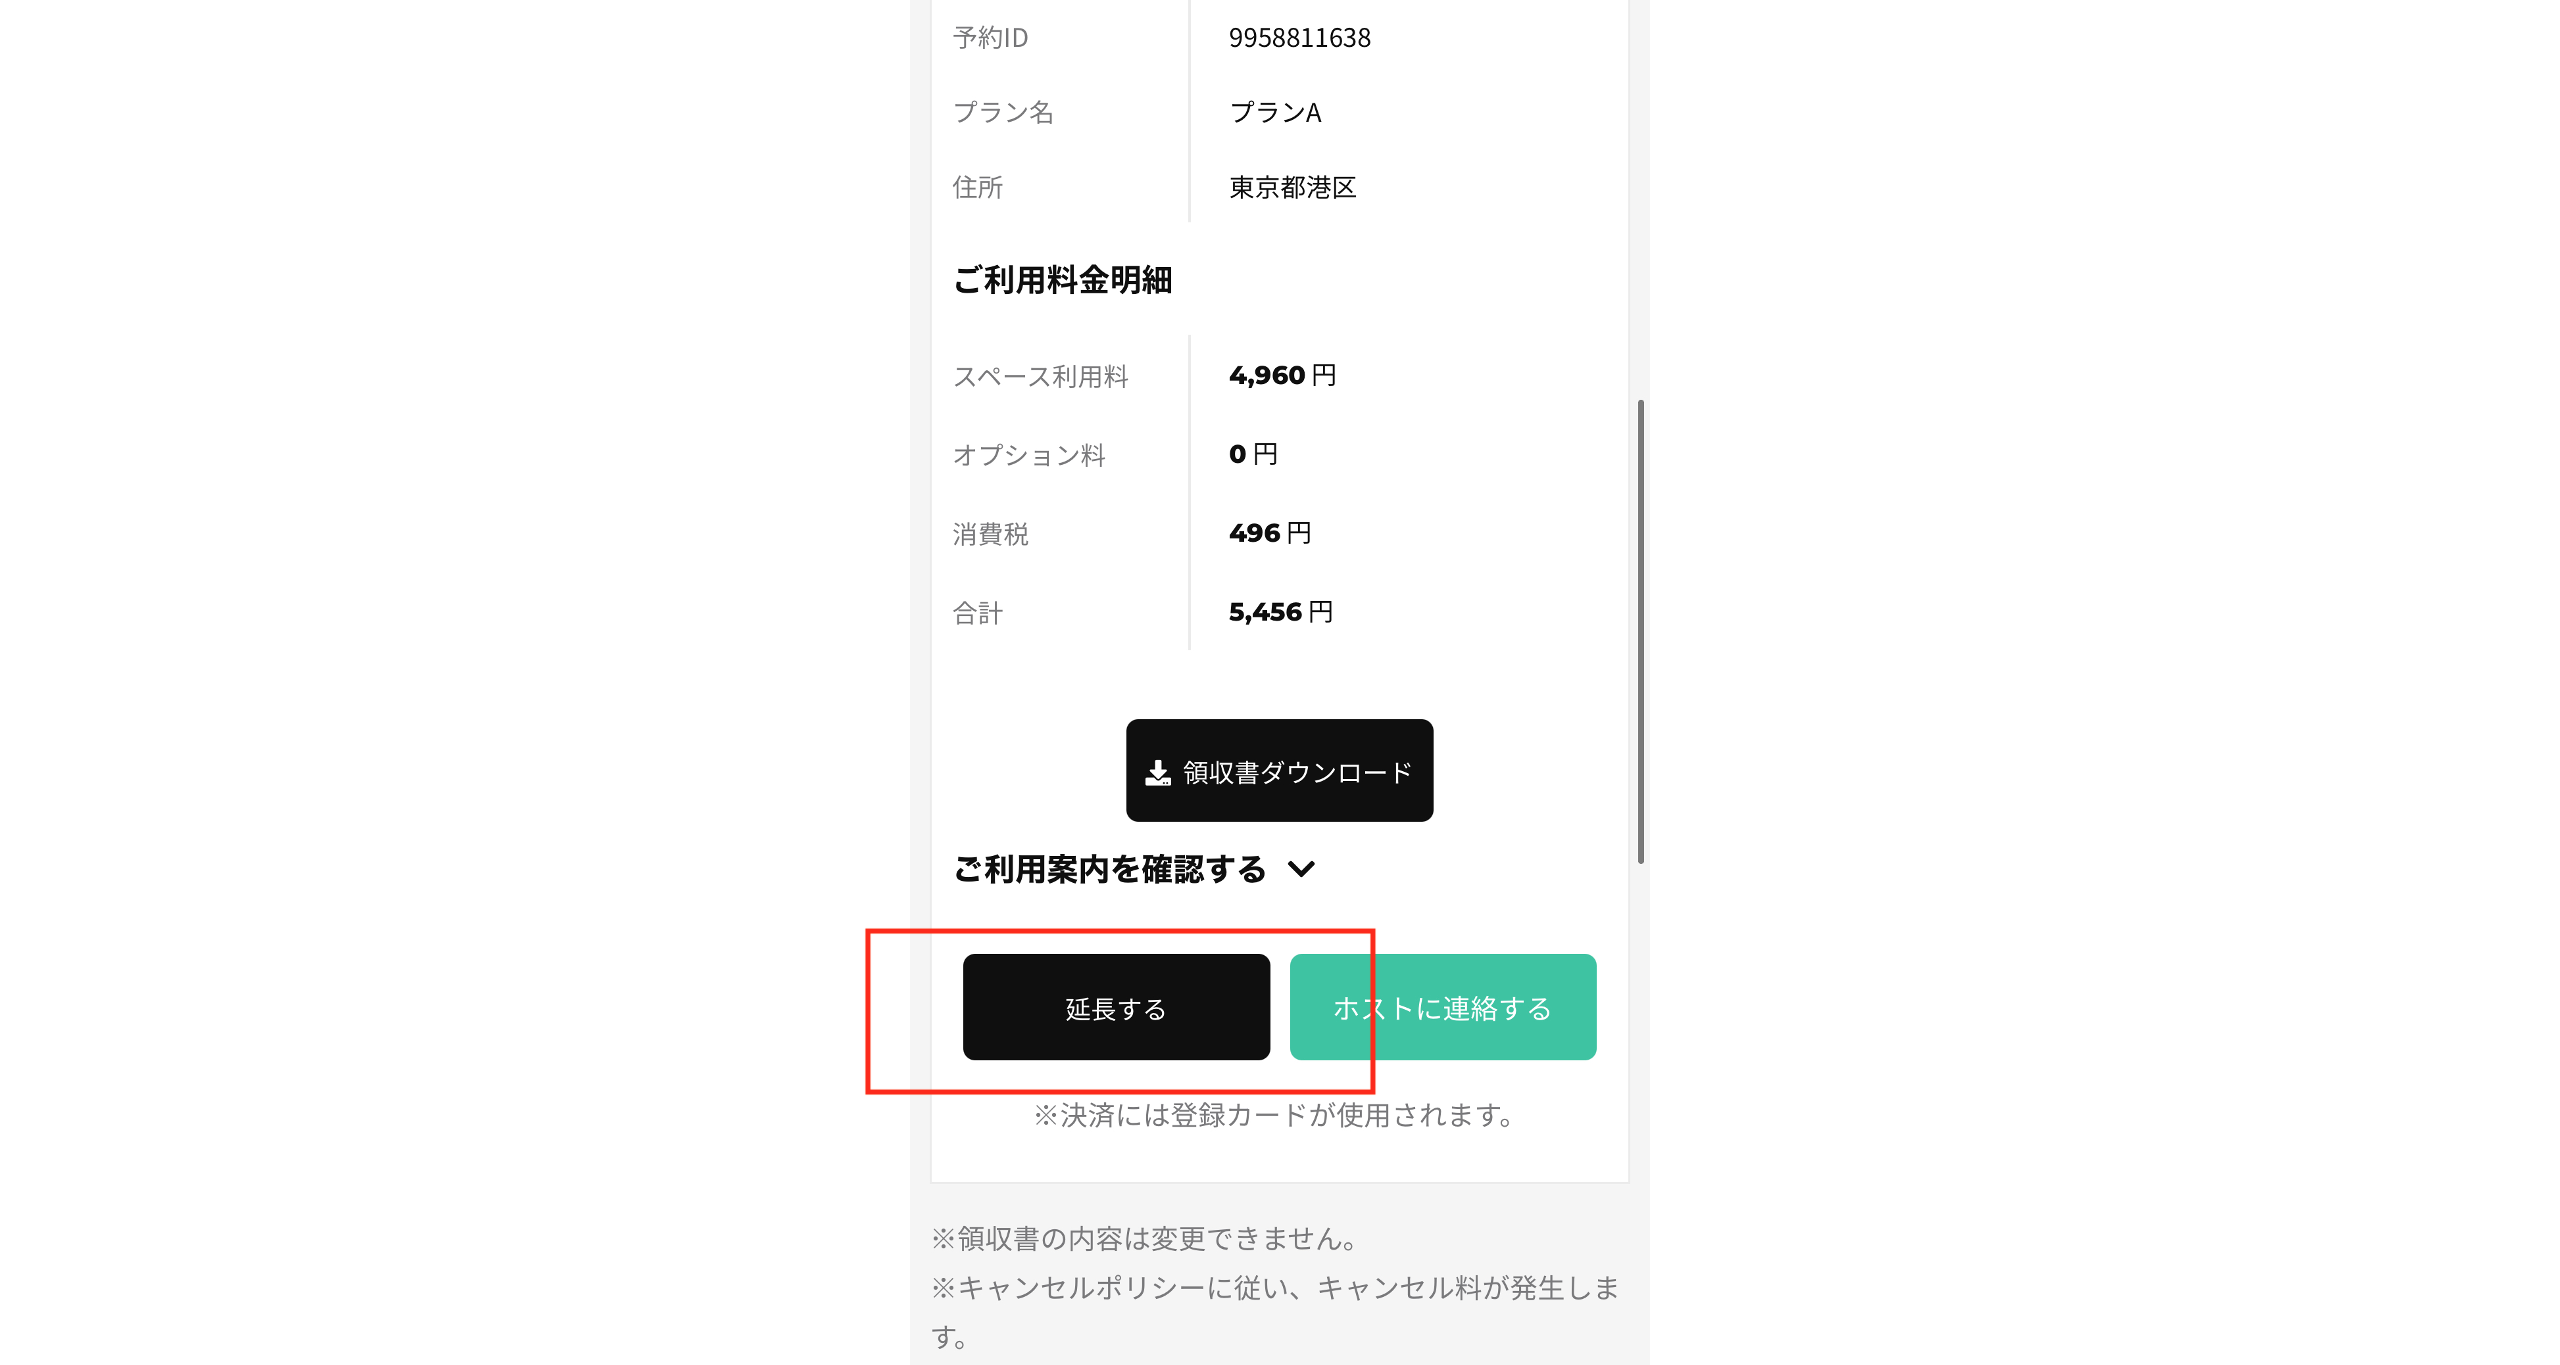 スクリーンショット 2021-03-19 16.19.04.png